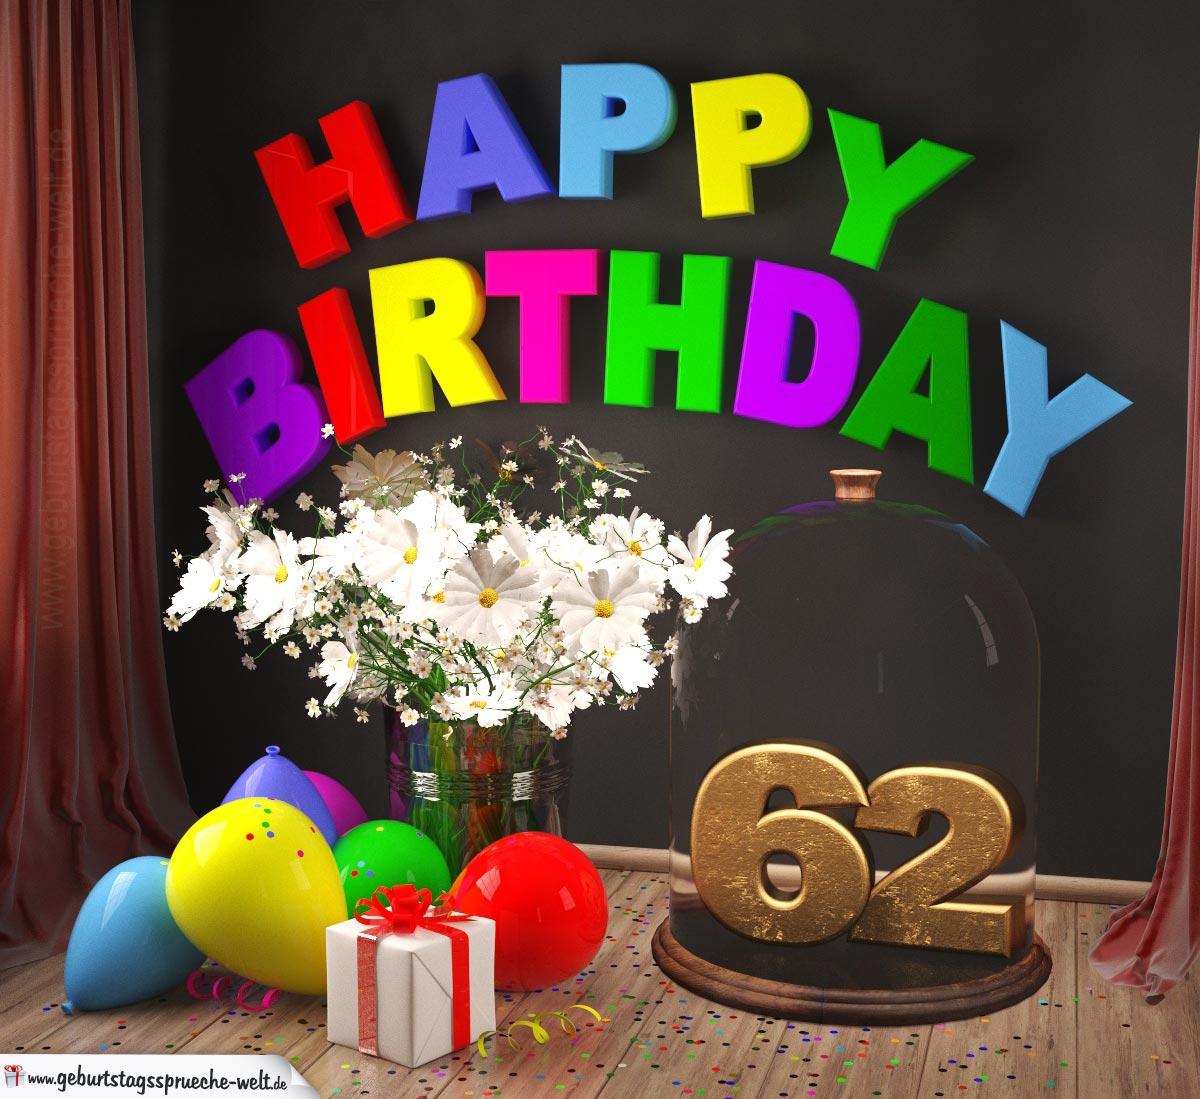 Happy Birthday 62 Jahre Glückwunschkarte mit Margeriten-Blumenstrauß, Luftballons und Geschenk unter Glasglocke